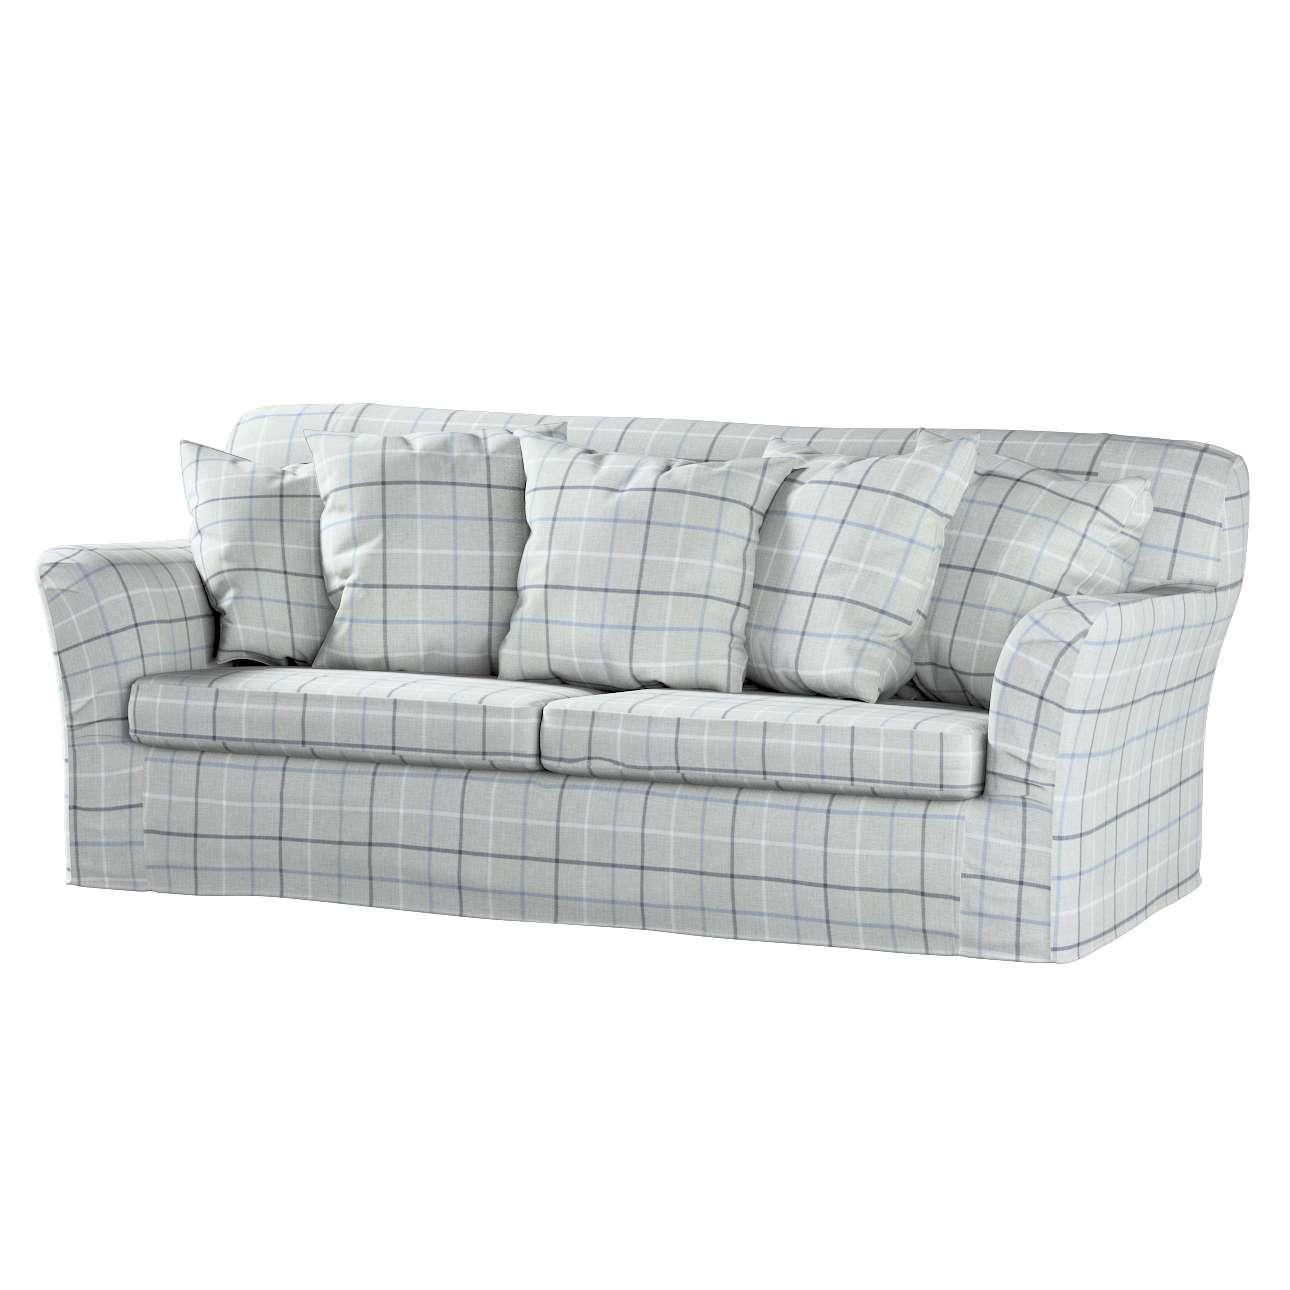 Pokrowiec na sofę Tomelilla 3-osobową rozkładaną w kolekcji Edinburgh, tkanina: 703-18